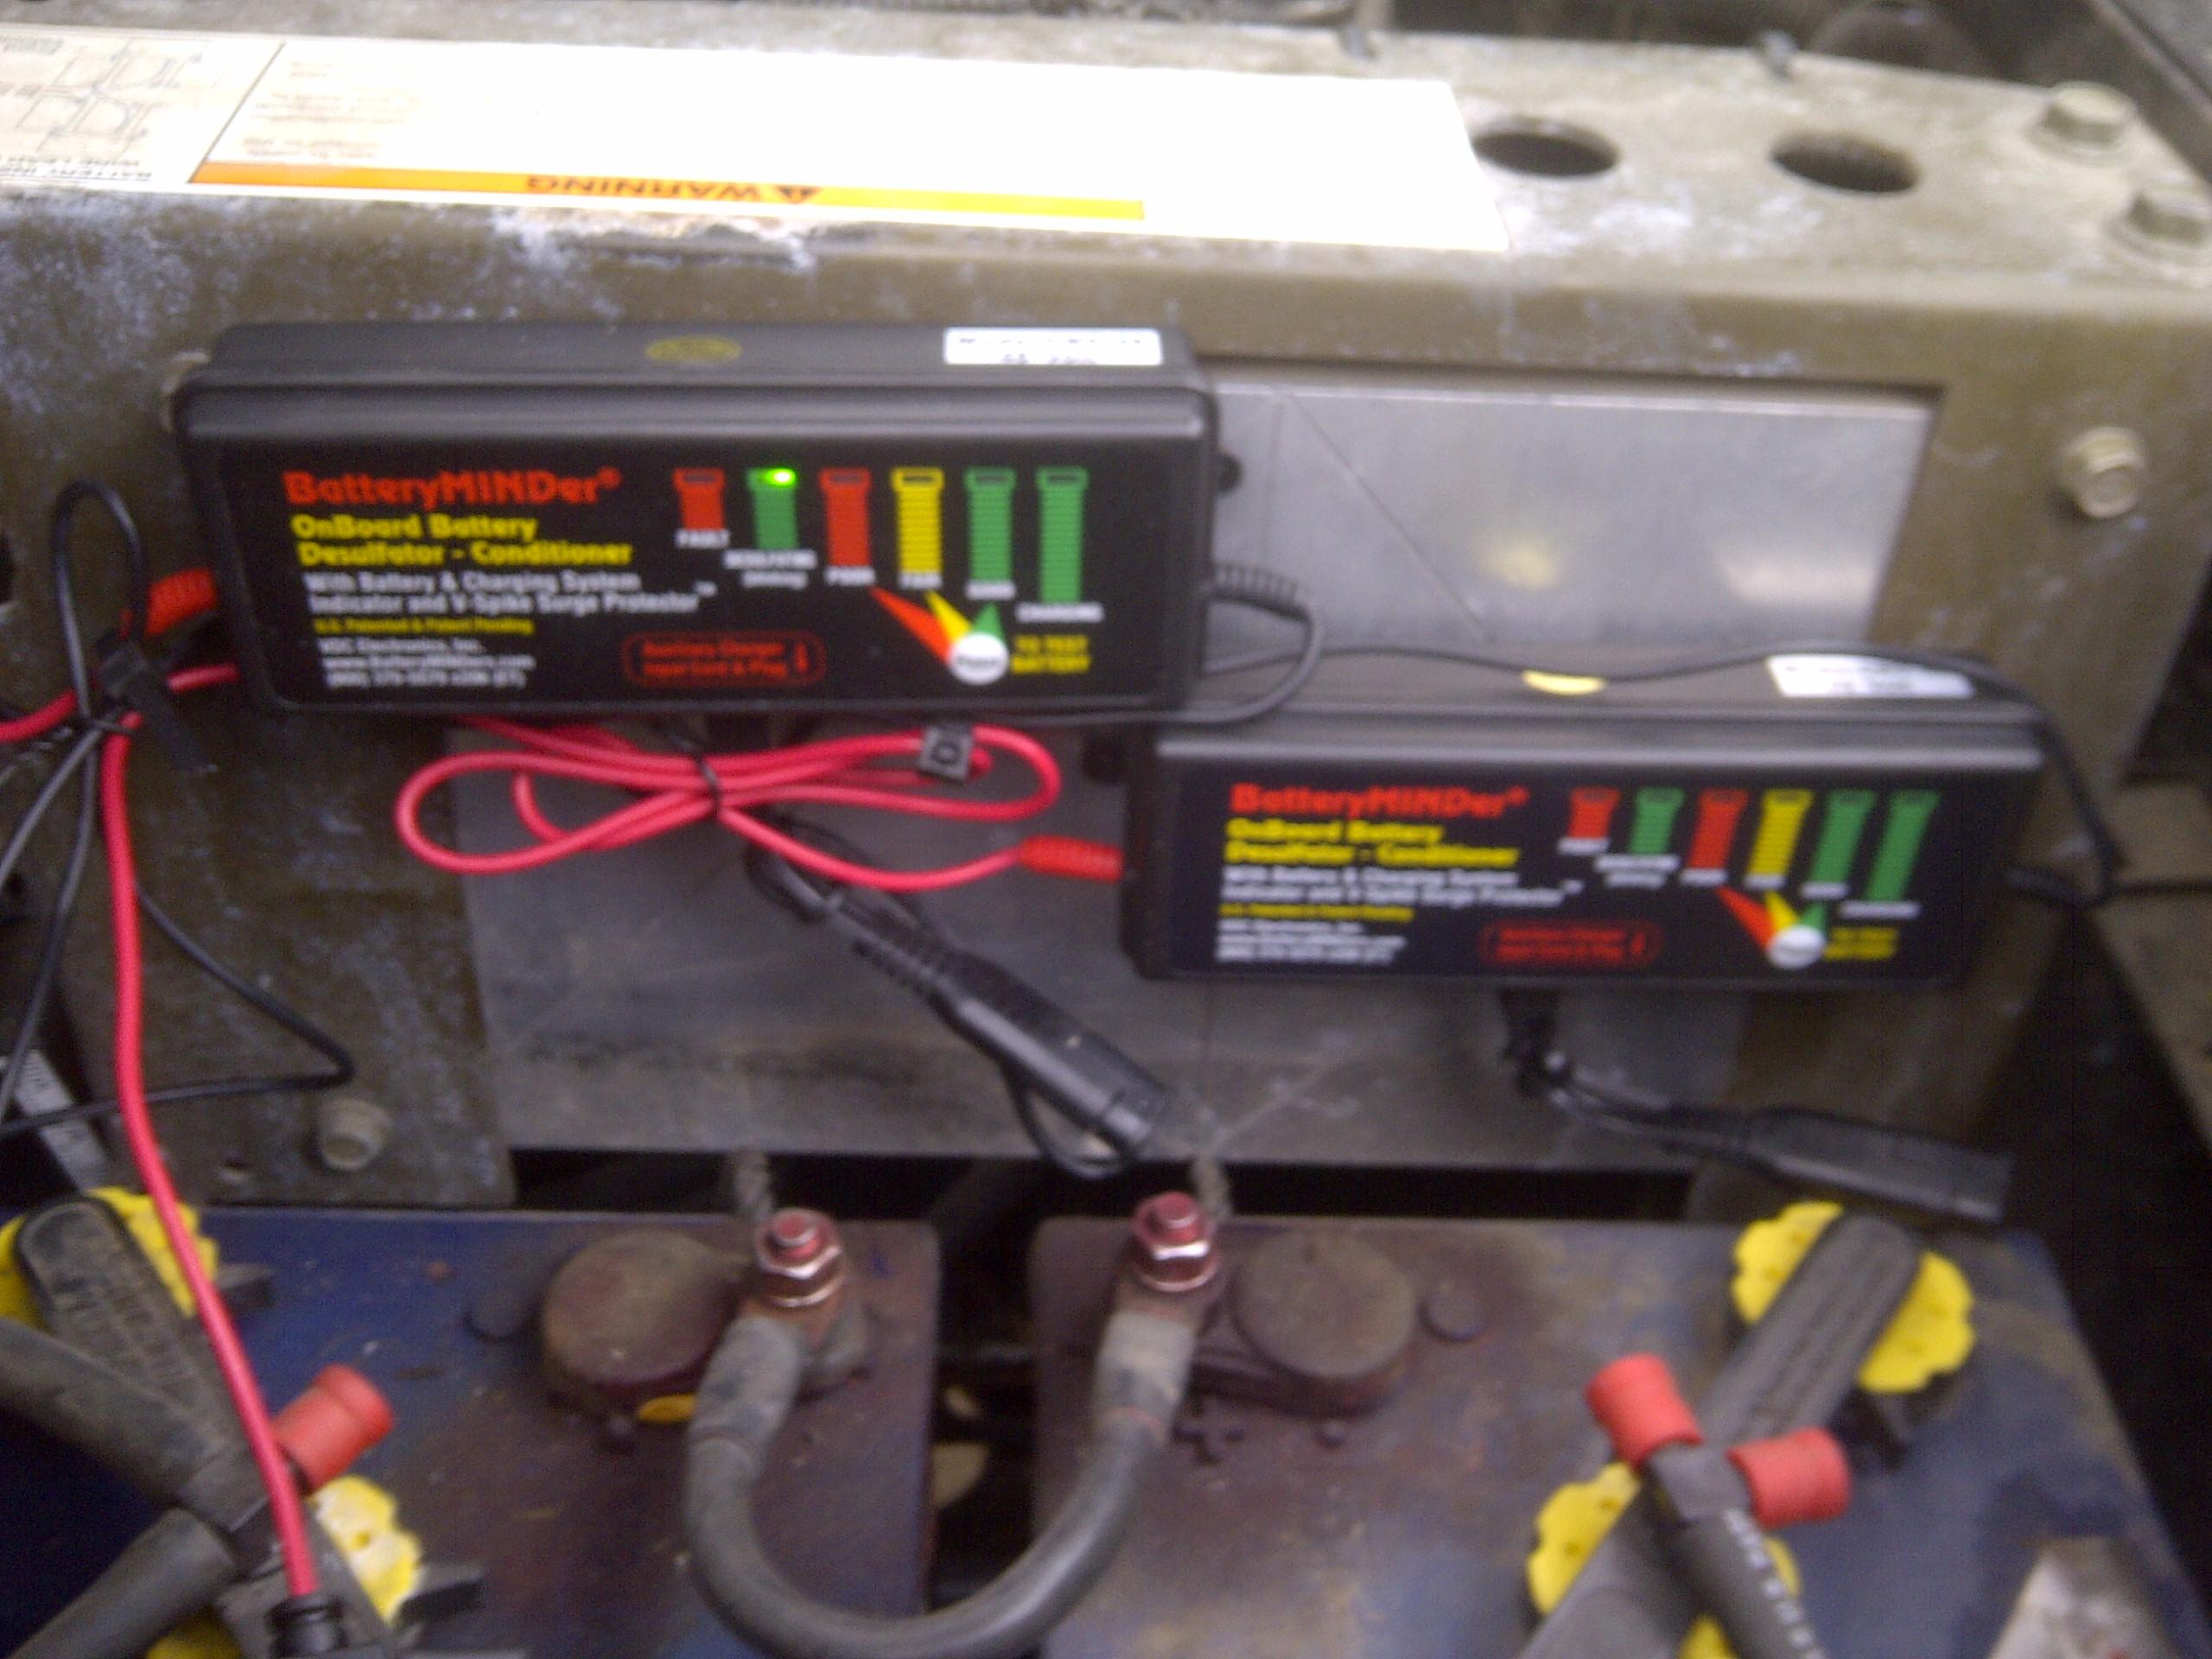 2017 polaris ranger 800 wiring diagram wiring diagram and hernes 2005 polaris ranger 700 xp wiring diagram and hernes 2017 polaris ranger wiring diagram dual battery isolator source